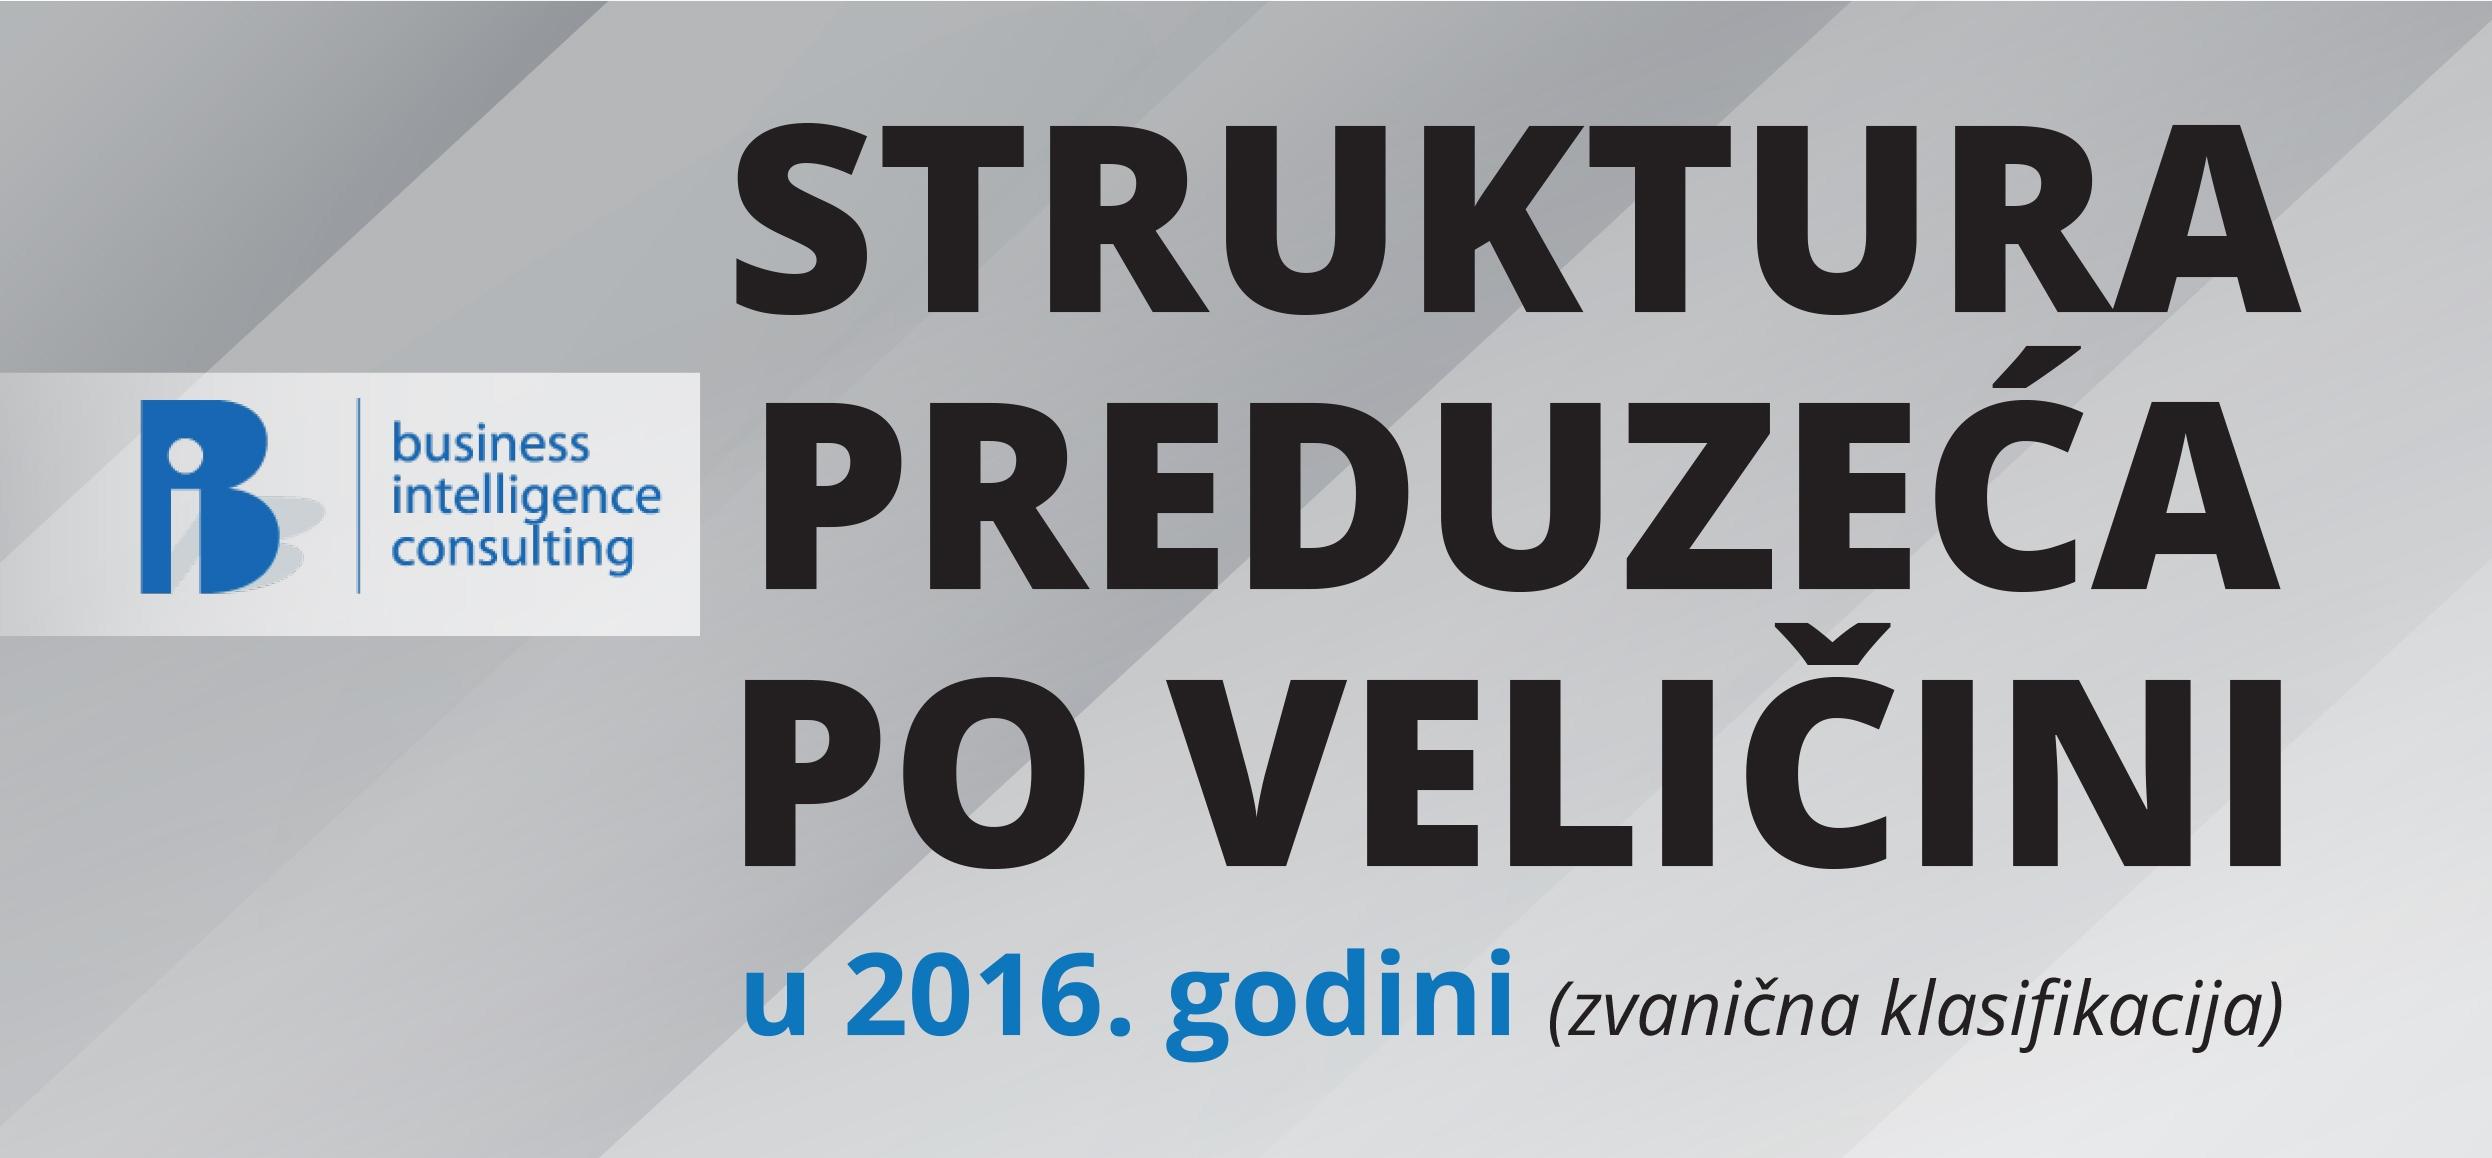 Struktura crnogorskih preduzeća po veličini u 2016. godini